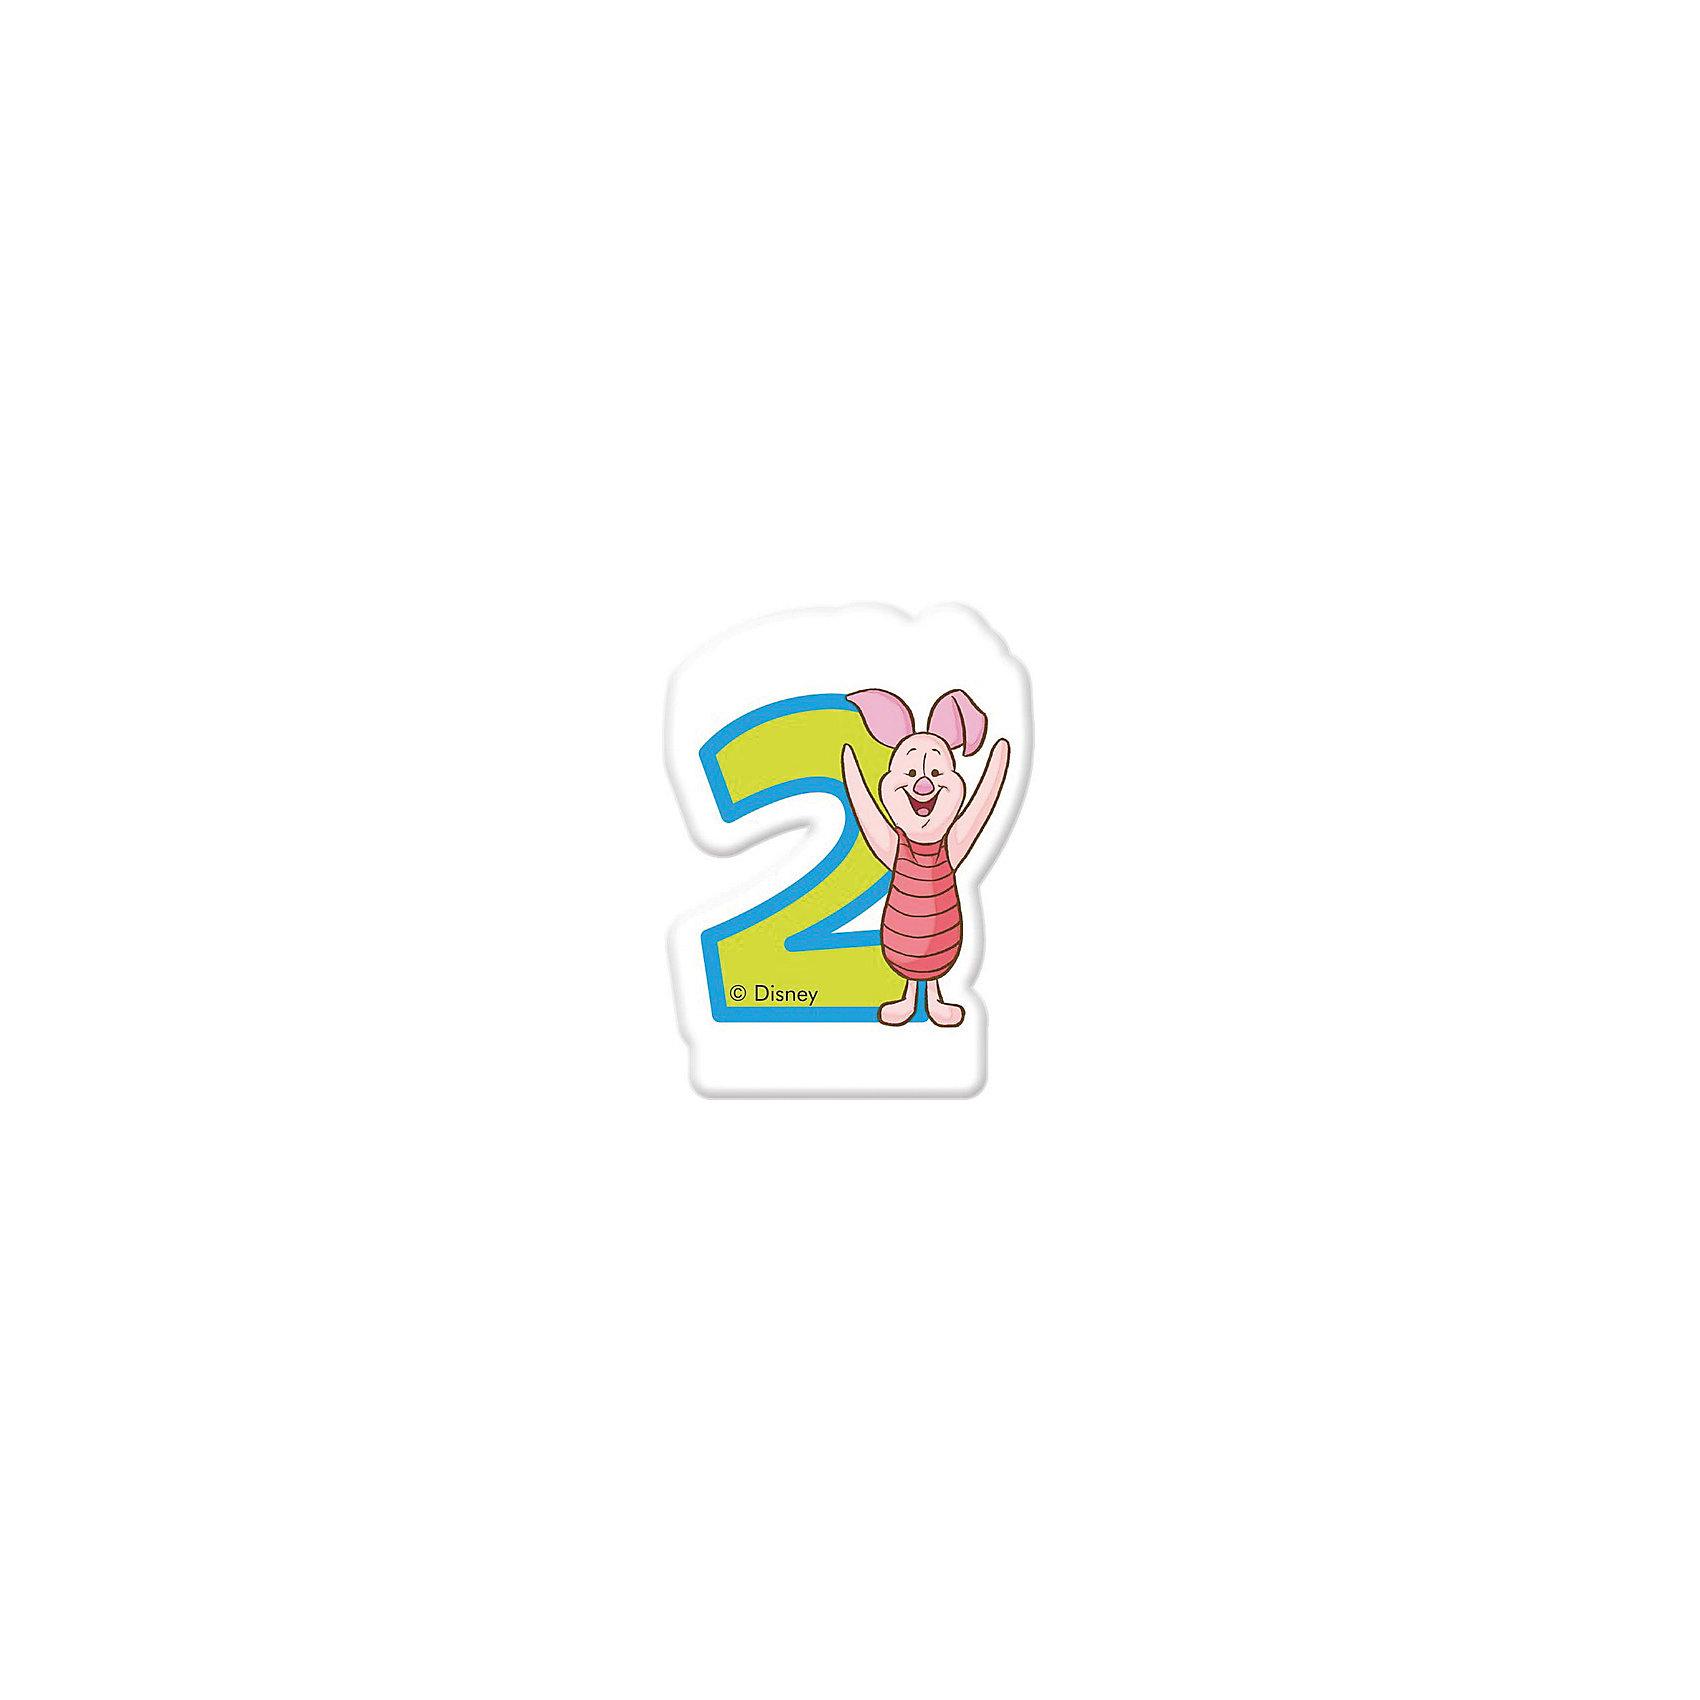 Свечка для тортаВсё для праздника<br>Характеристики товара:<br><br>• возраст: от 3 лет;<br>• упаковка: блистер;<br>• размер упаковки: 13х8х1 см.;<br>• количество свечей: 1 шт.;<br>• высота свечки: 6 см.;<br>• цвет: розовый;<br>• состав: парафин, дерево;<br>• бренд, страна: Procos, Россия;<br>• страна-производитель: Греция<br><br>Свечка «Винни: 2 года» станет лучшим вариантом украшения детского торта на праздновании дня рождения вашего малыша. С помощью свечи для торта  «Винни: 2 года» с забавной фигуркой героя из мультфильма Дисней Хрюни вы порадуете вашего ребенка и сделаете день рождения незабываемым.  <br><br>Свечки изготовлены из высококачественных нетоксичных материалов и безопасны для детского здоровья.<br><br>Свечка «Винни: 2 года», 6 см., 1 шт., Procos (Прокос)  можно купить в нашем интернет-магазине.<br><br>Ширина мм: 85<br>Глубина мм: 35<br>Высота мм: 130<br>Вес г: 27<br>Возраст от месяцев: 36<br>Возраст до месяцев: 120<br>Пол: Унисекс<br>Возраст: Детский<br>SKU: 6914361